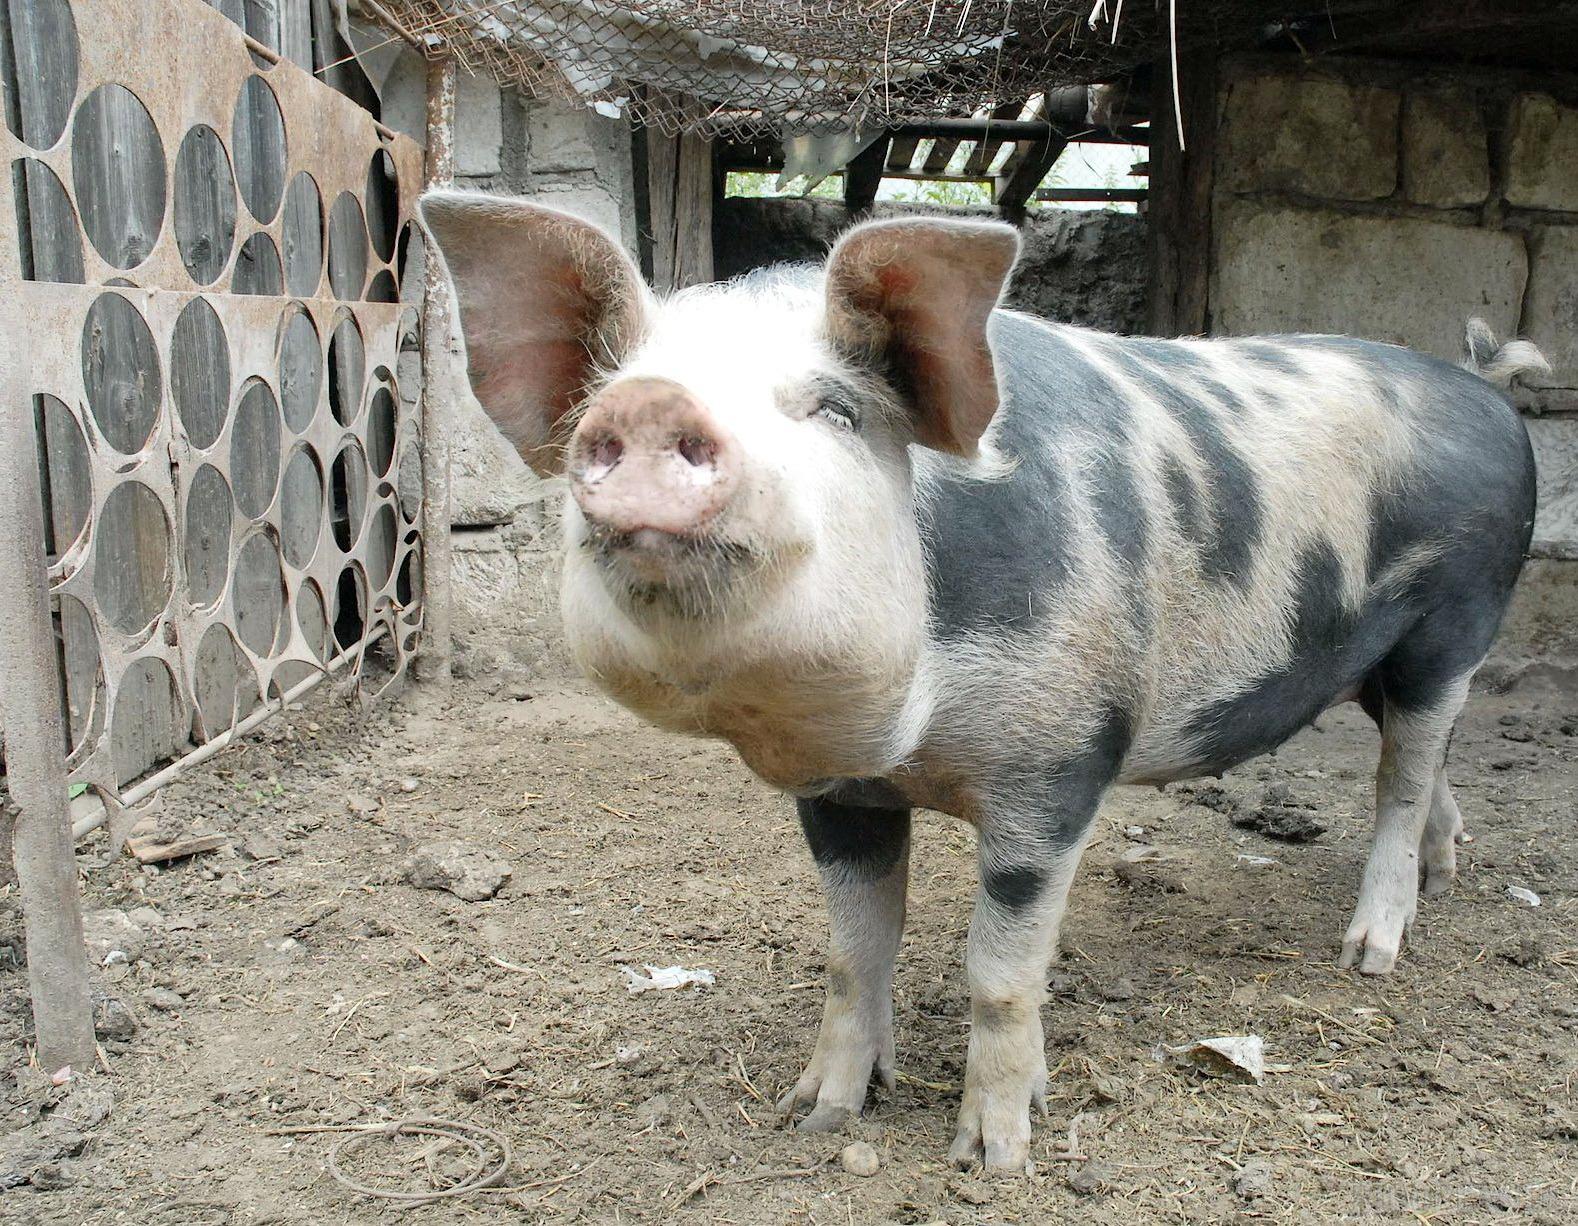 Fermierii bihoreni renunţă la porci şi vaci pentru a creşte oi şi capre